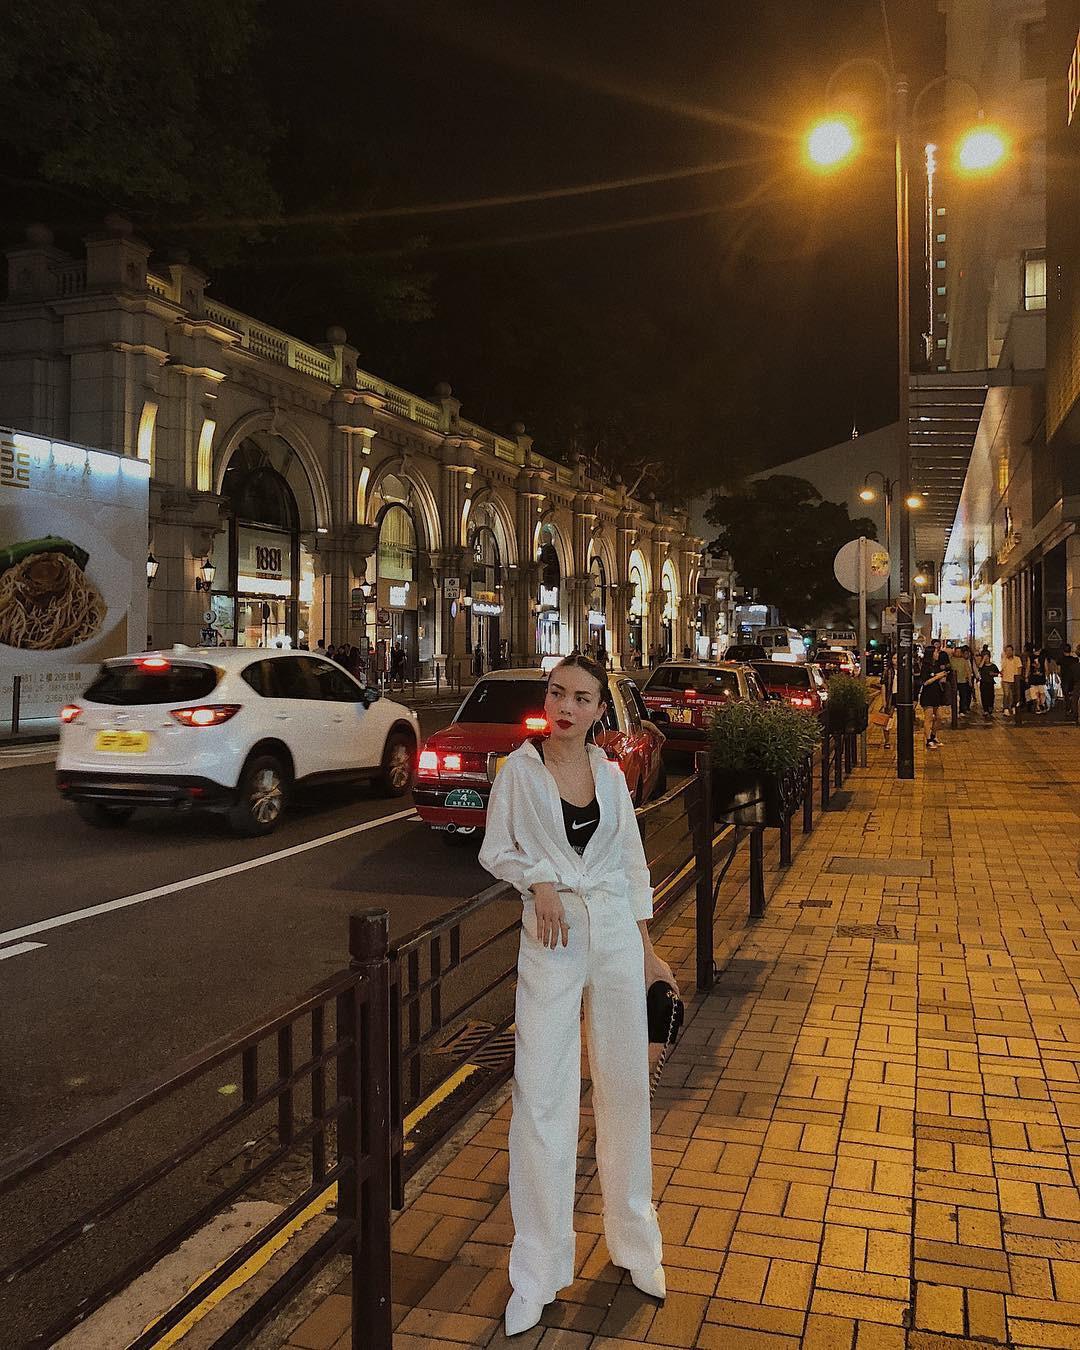 Nàng công sở không bao giờ lo mặc xấu, nếu biết 12 công thức diện áo sơ mi trắng tuyệt xinh từ các mỹ nhân Việt-9